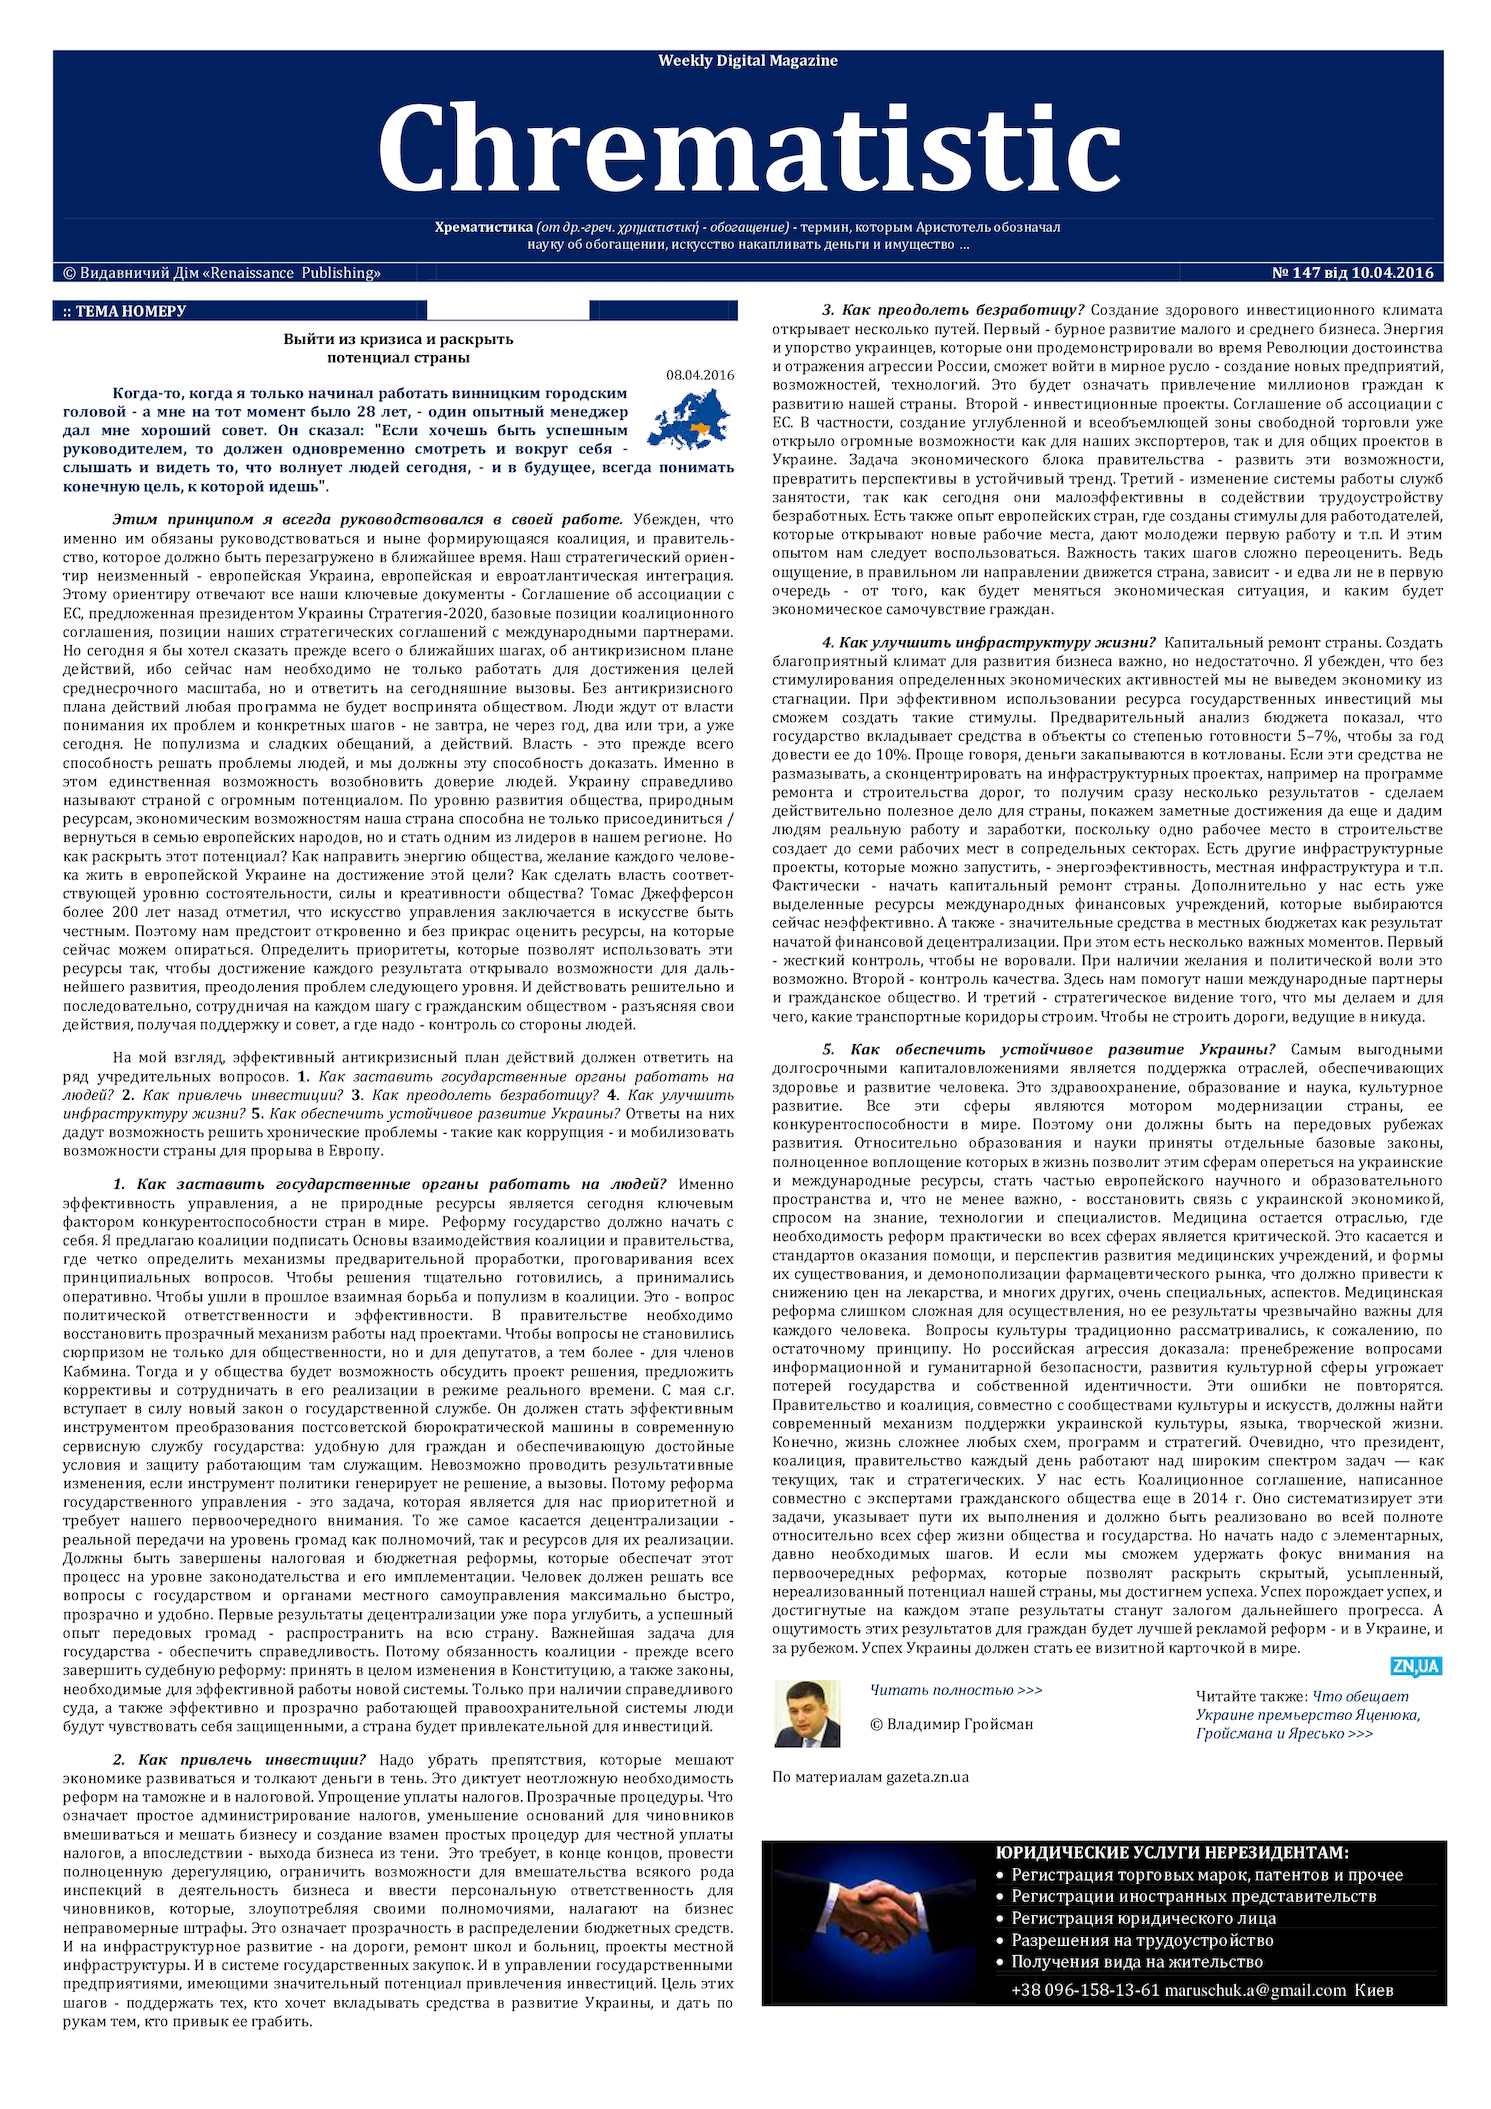 Calaméo - №147 Wdm «Chrematistic» от 10 04 2016 05eea999a14